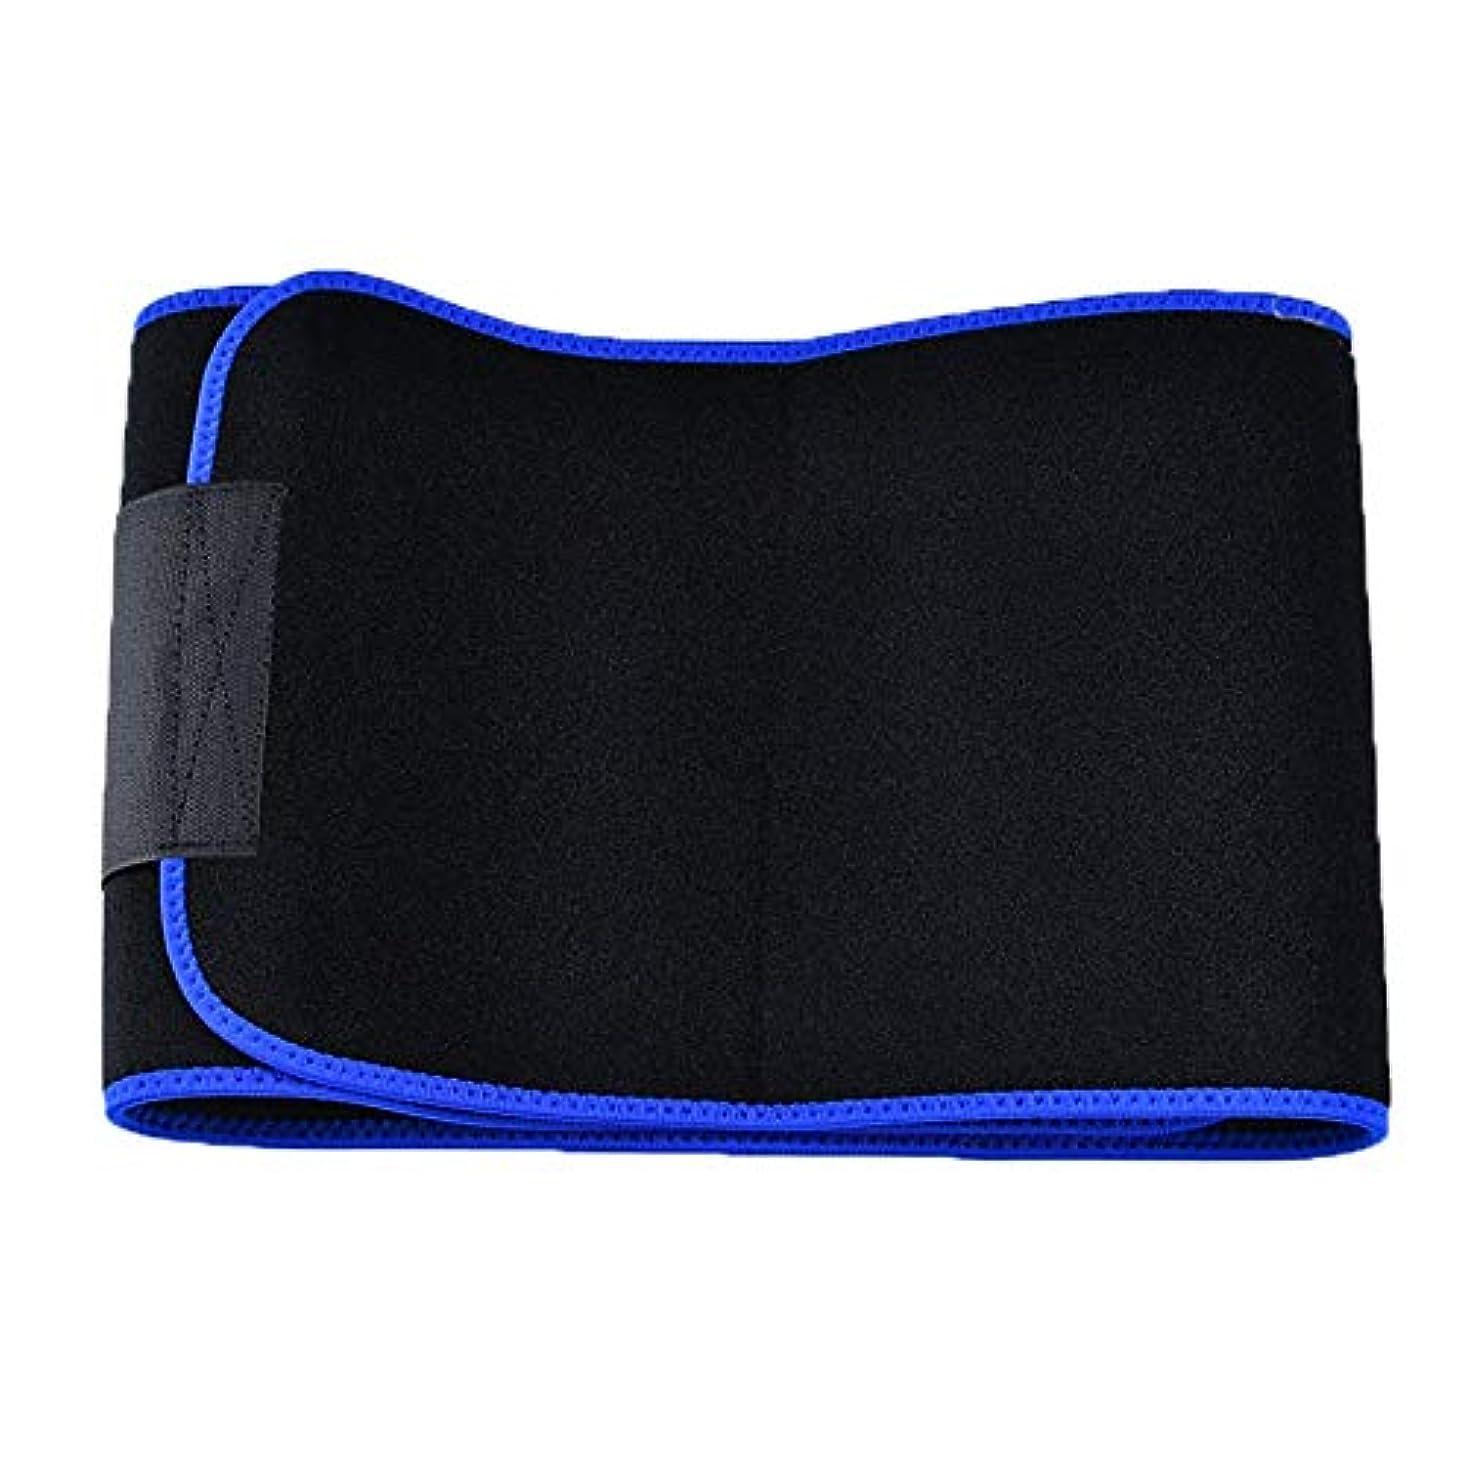 評価する失う用心発汗ベルトスポーツベルトウエストトレーナーフィットネス腹部トレーニングスウェット